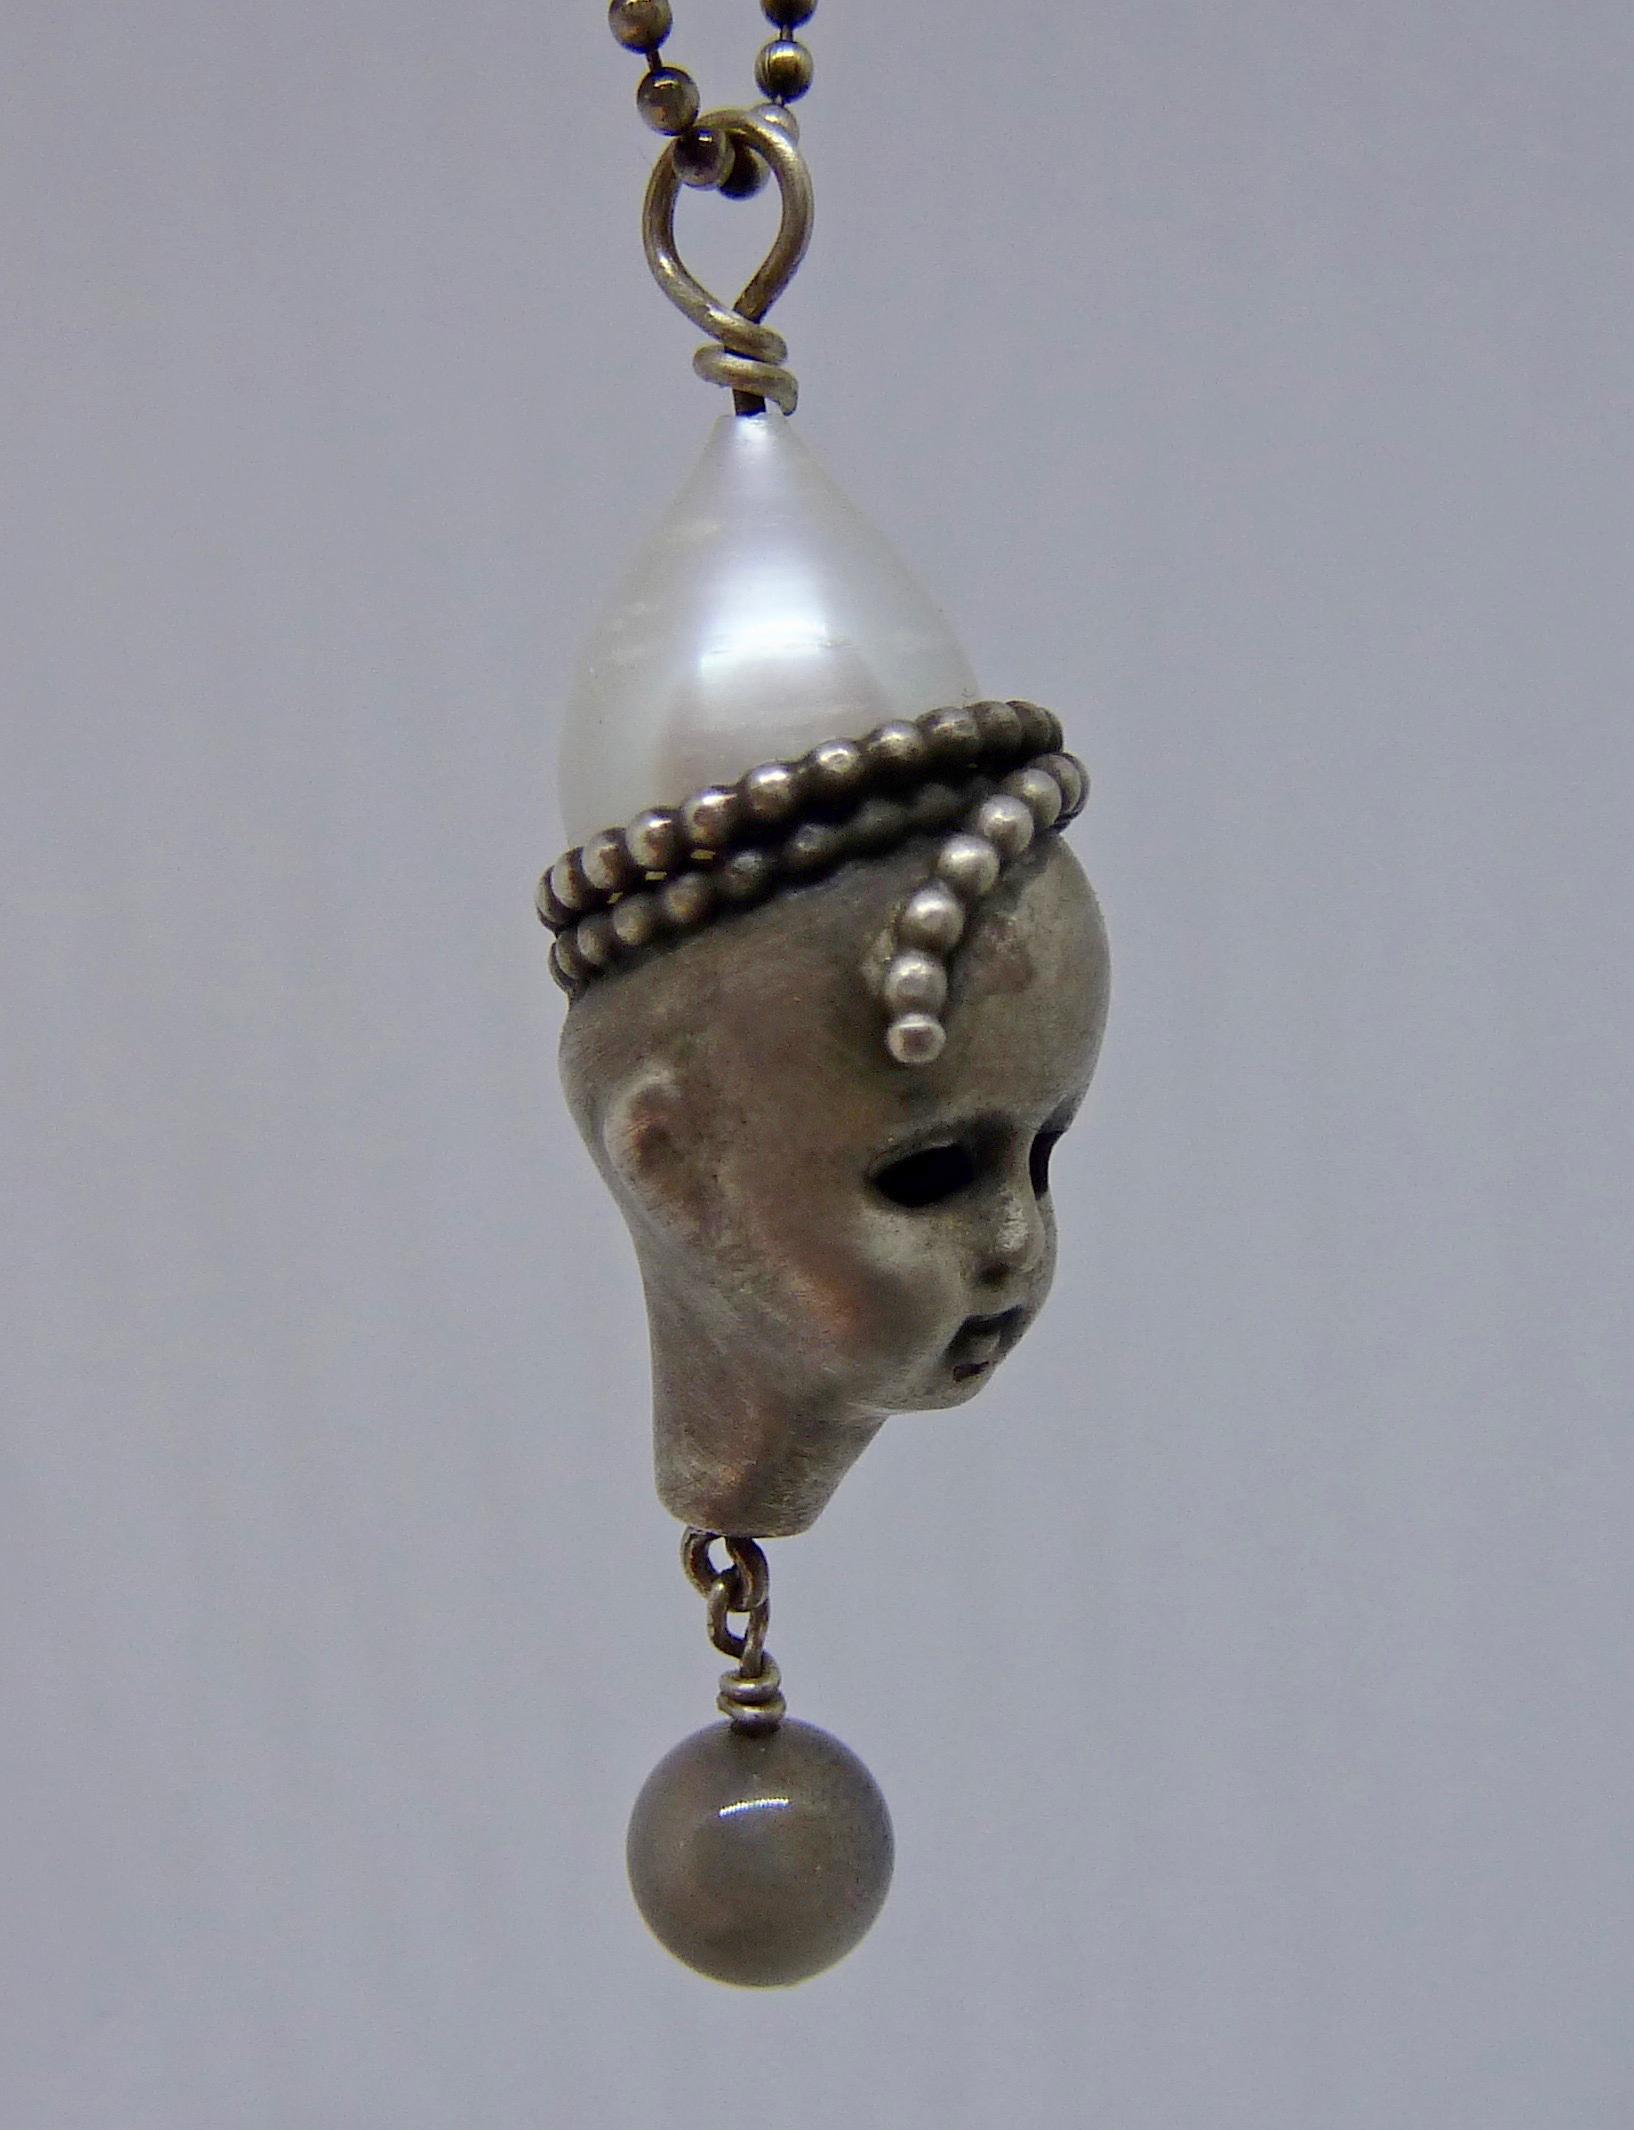 Kopf in Silber mit Perle/Mondstein